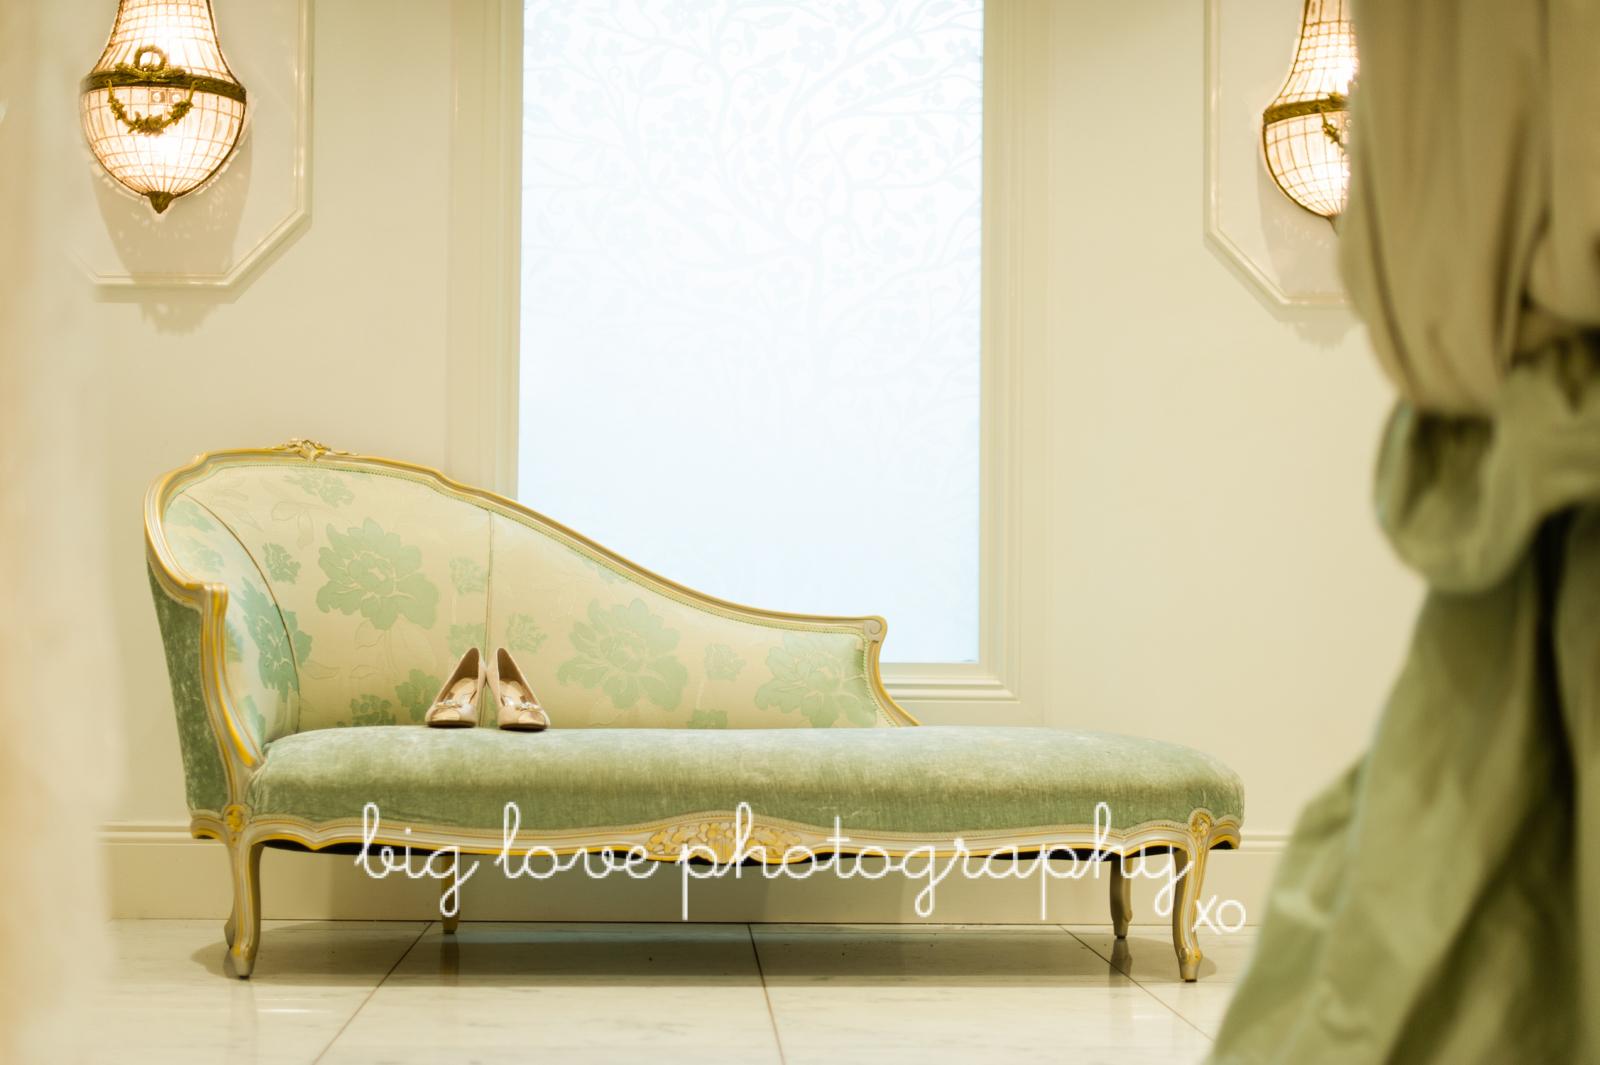 sydneyweddingphotographer-1004.jpg